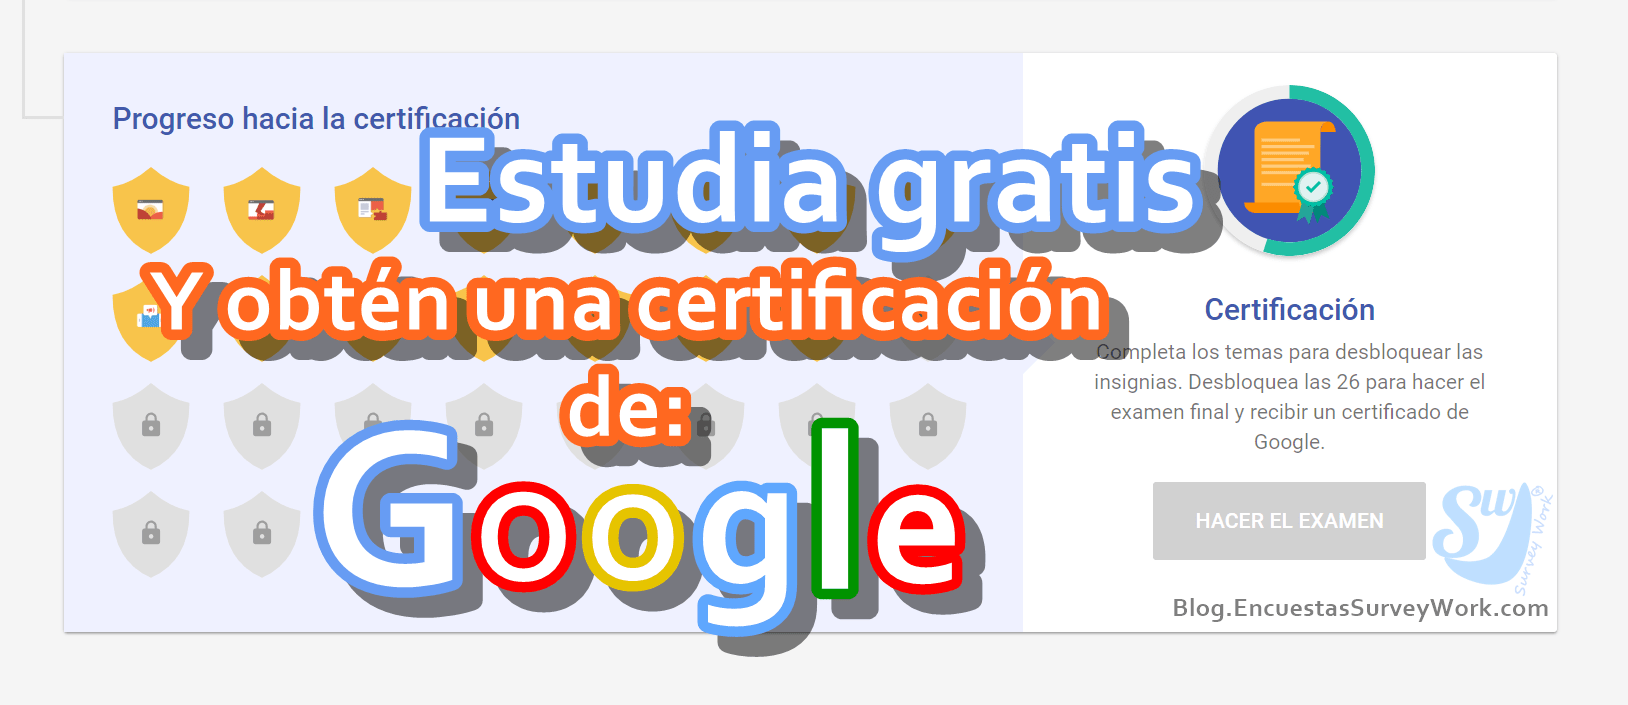 Estudiar gratis y obtener una certificación